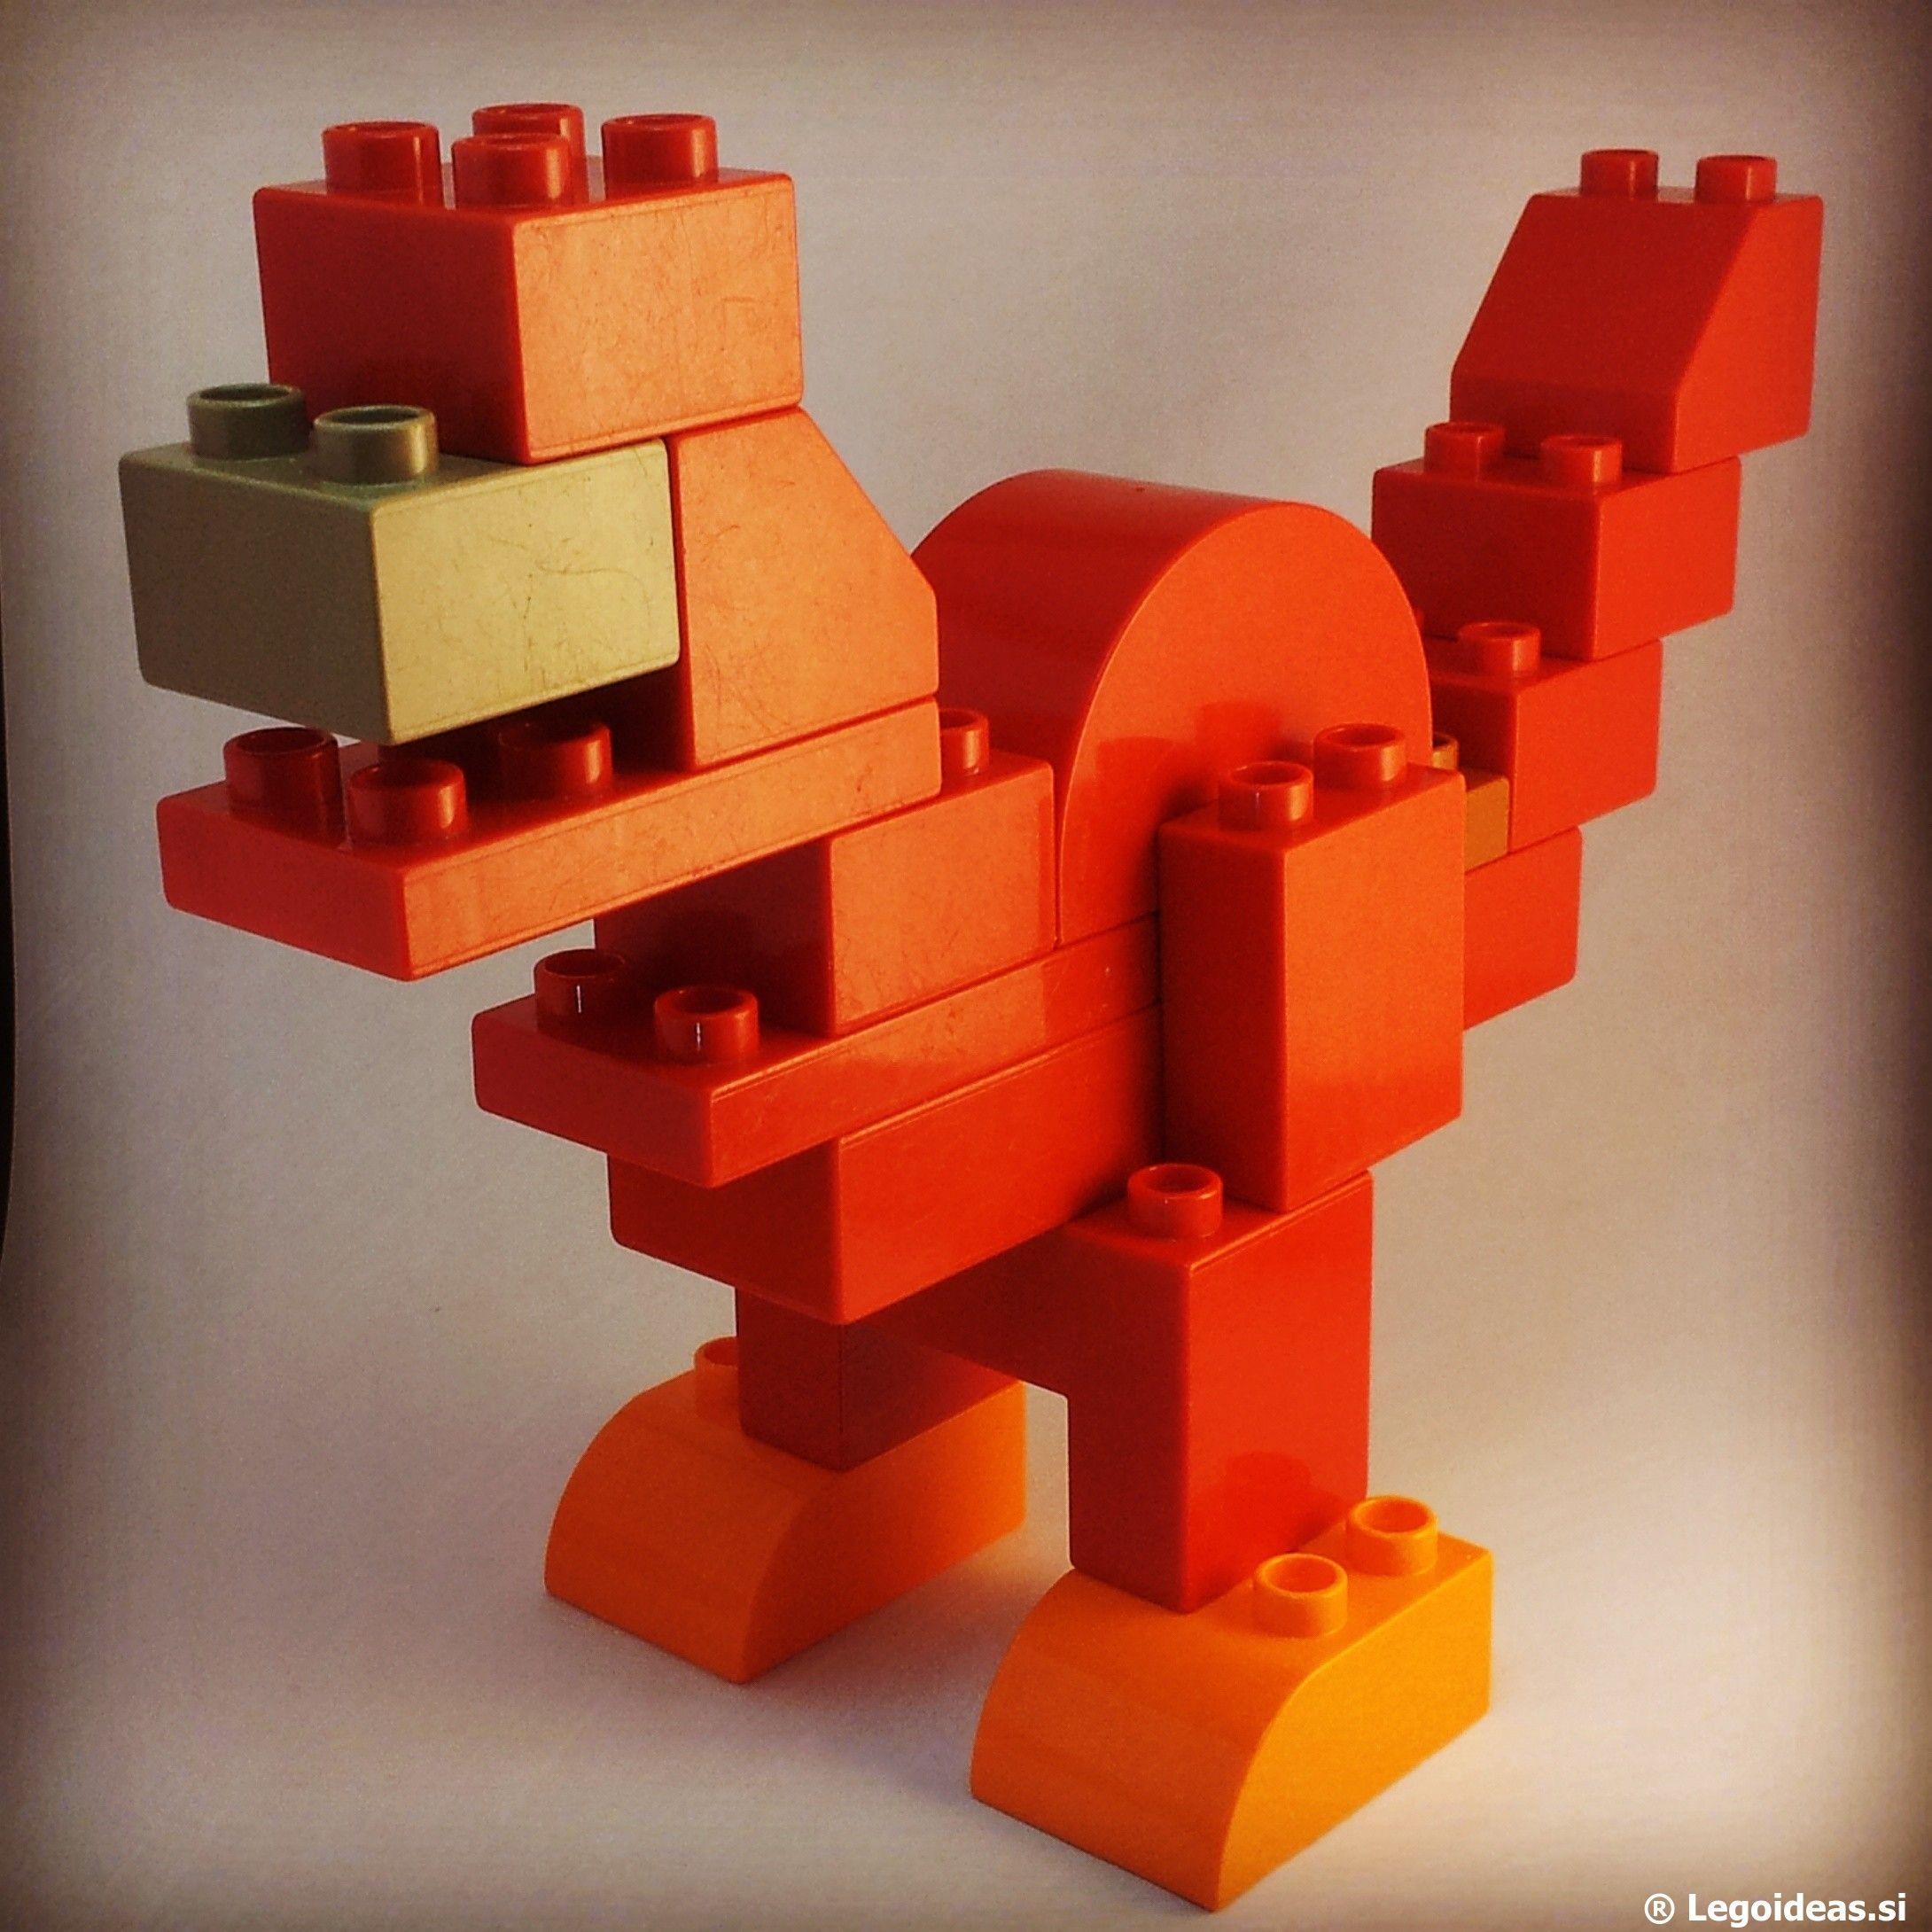 Lego duplo dinosaur lego duplo tyrannosaurus rex duplo - Modele construction maison lego ...